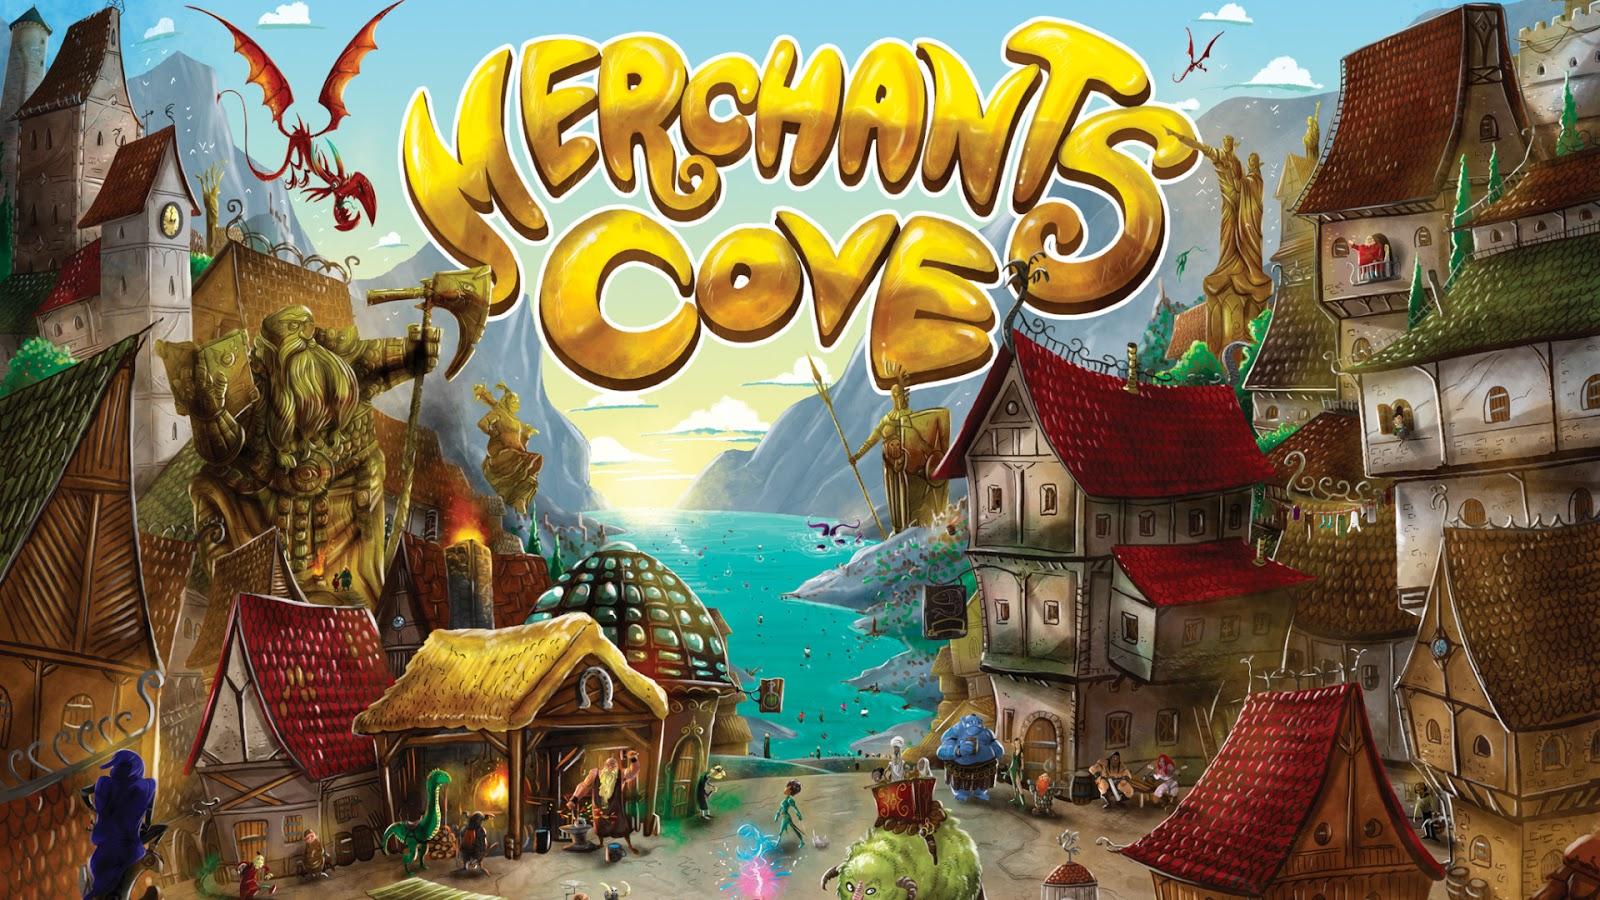 Kickstarter Highlights - Merchants Cove